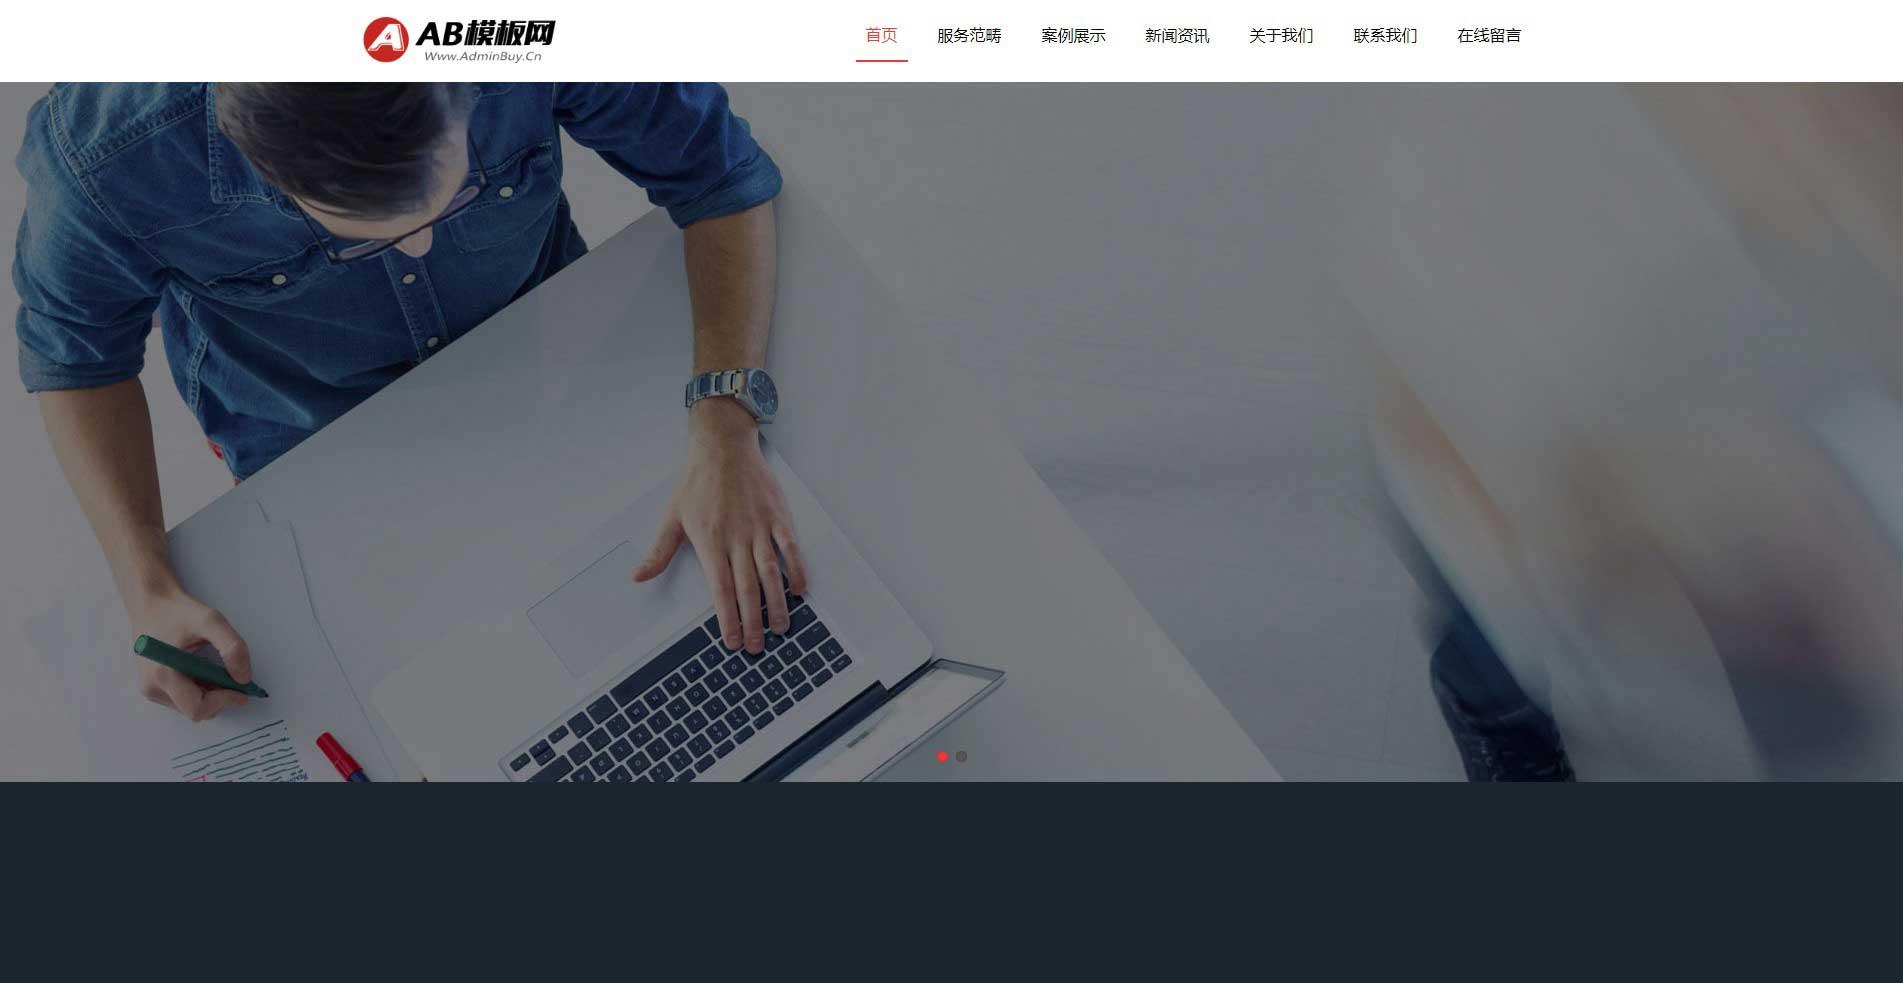 网络建站工作室公司网站织梦dede模板源码[带手机版数据同步]插图